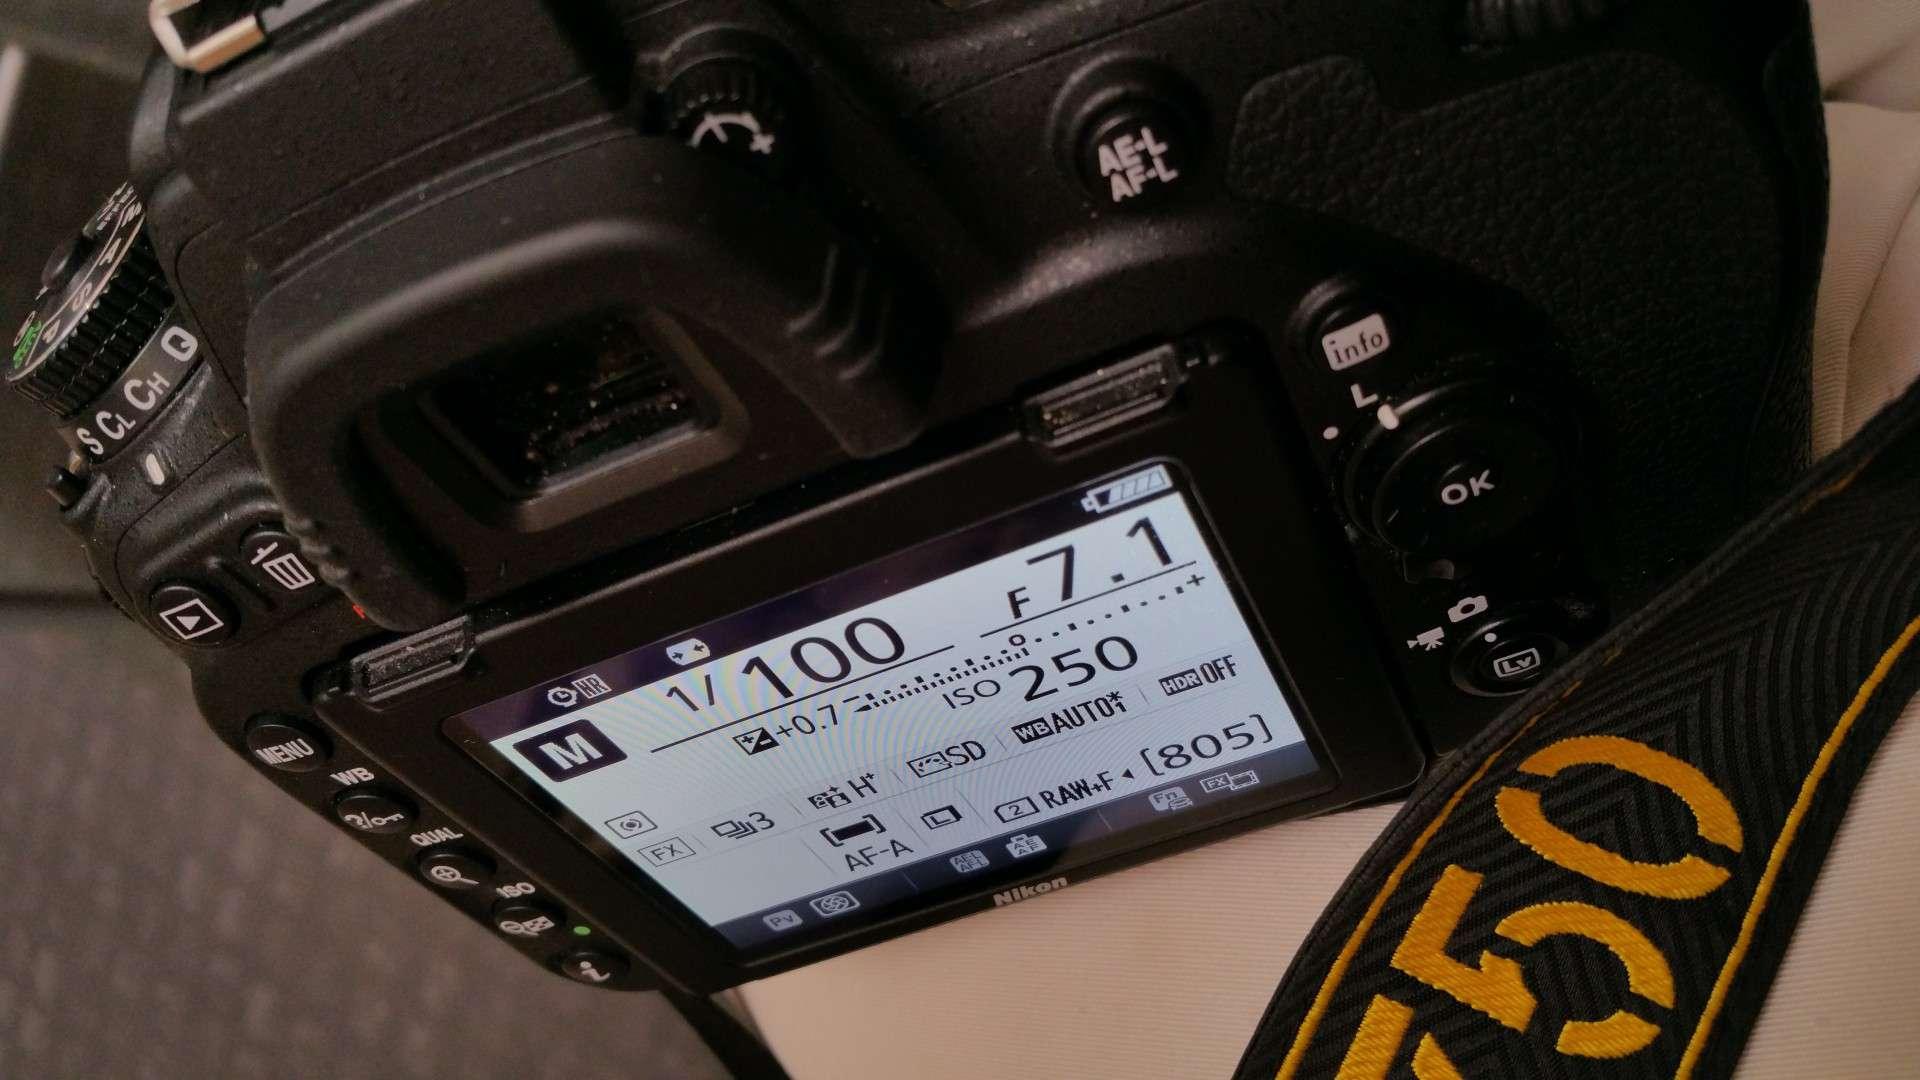 Screenshot of camera settings display